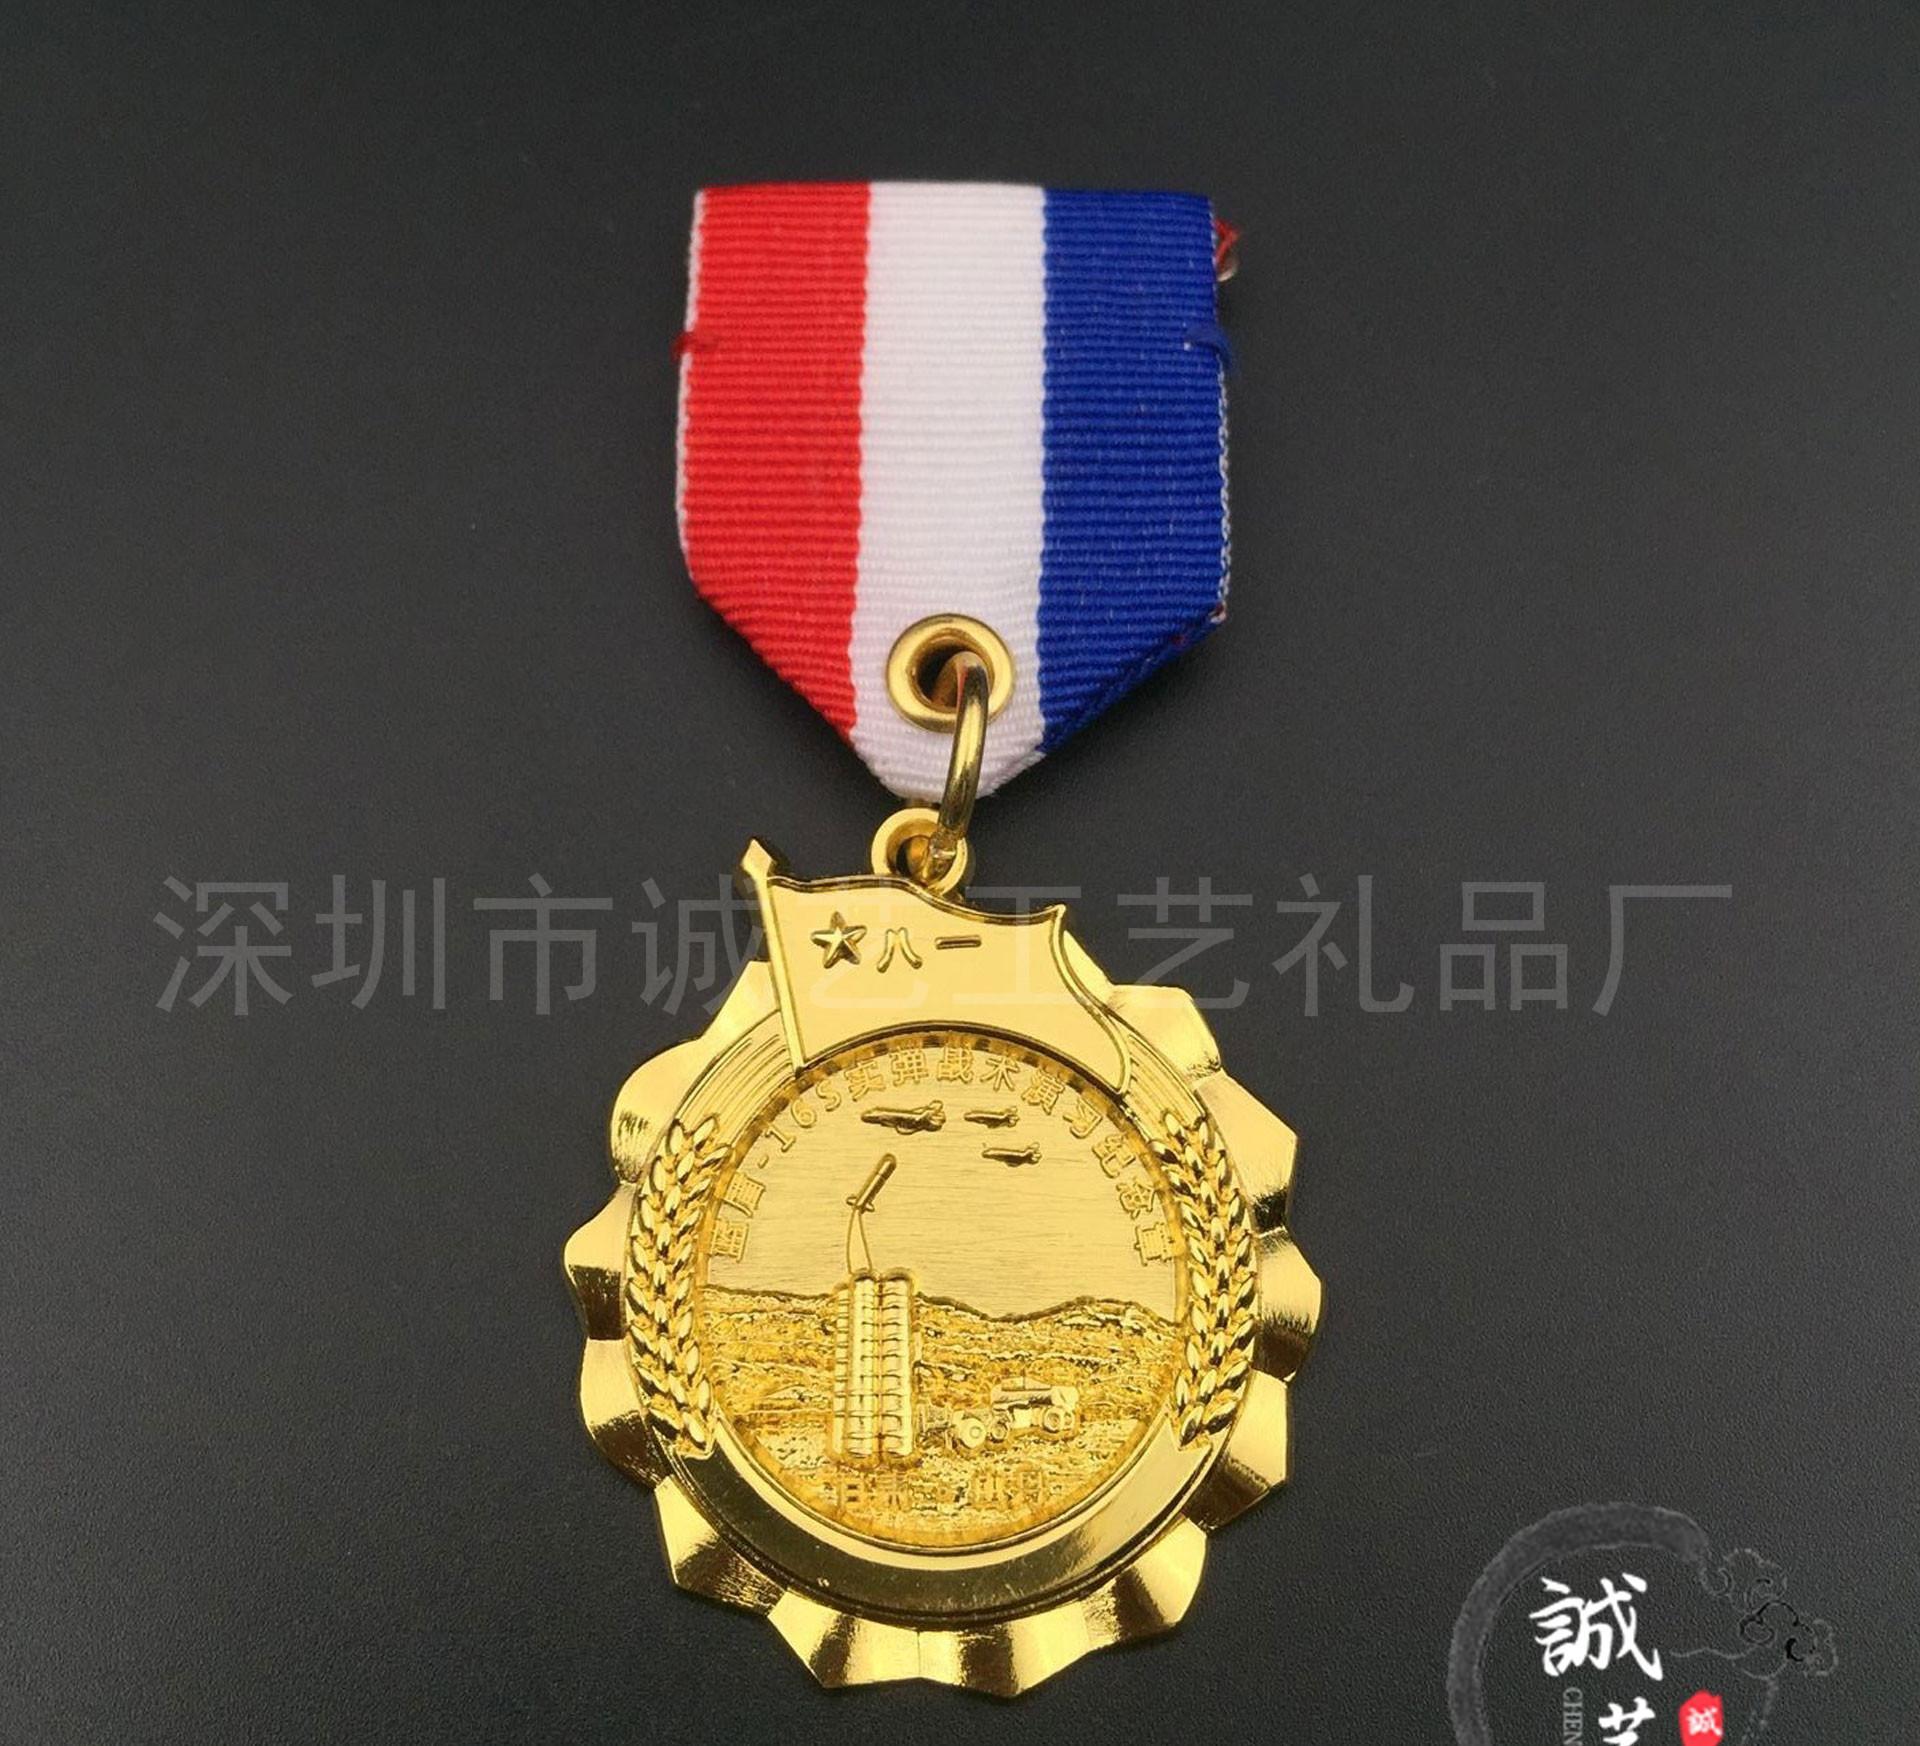 金属徽章定做胸章定制胸牌班徽勋章校徽八一勋章定做纪念币定做